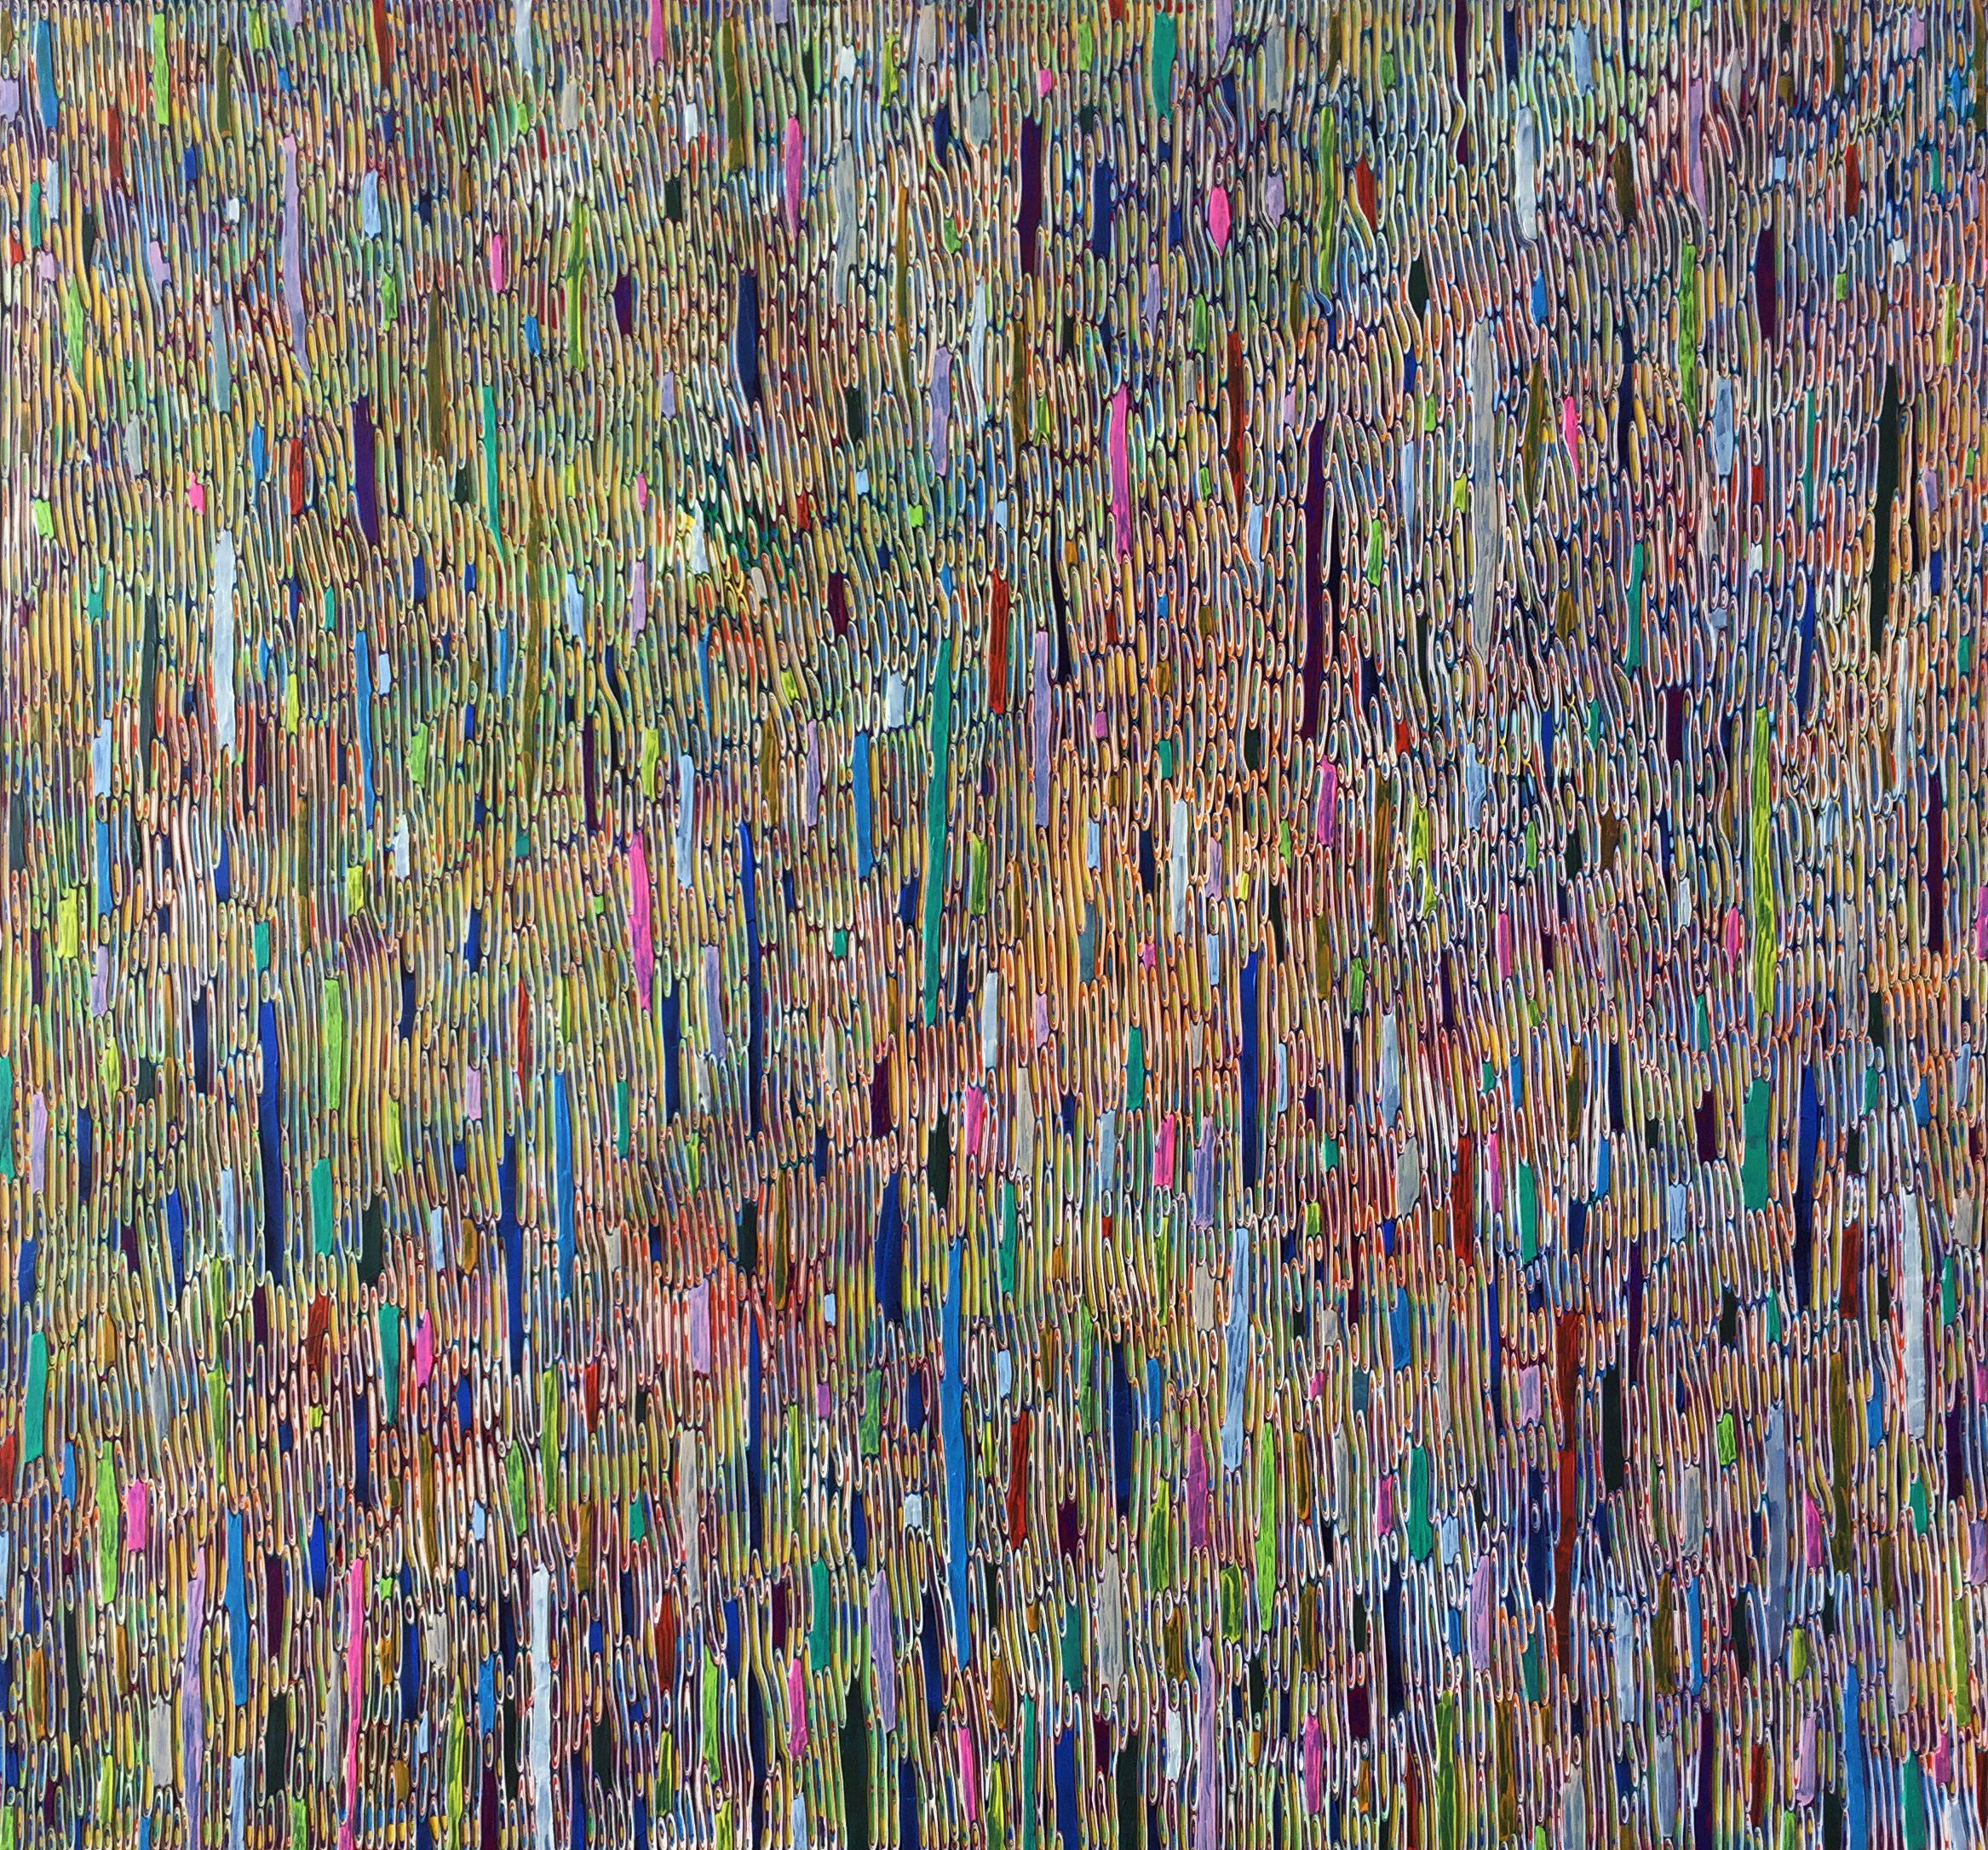 绘画100: 雨   Painting 100: Rain